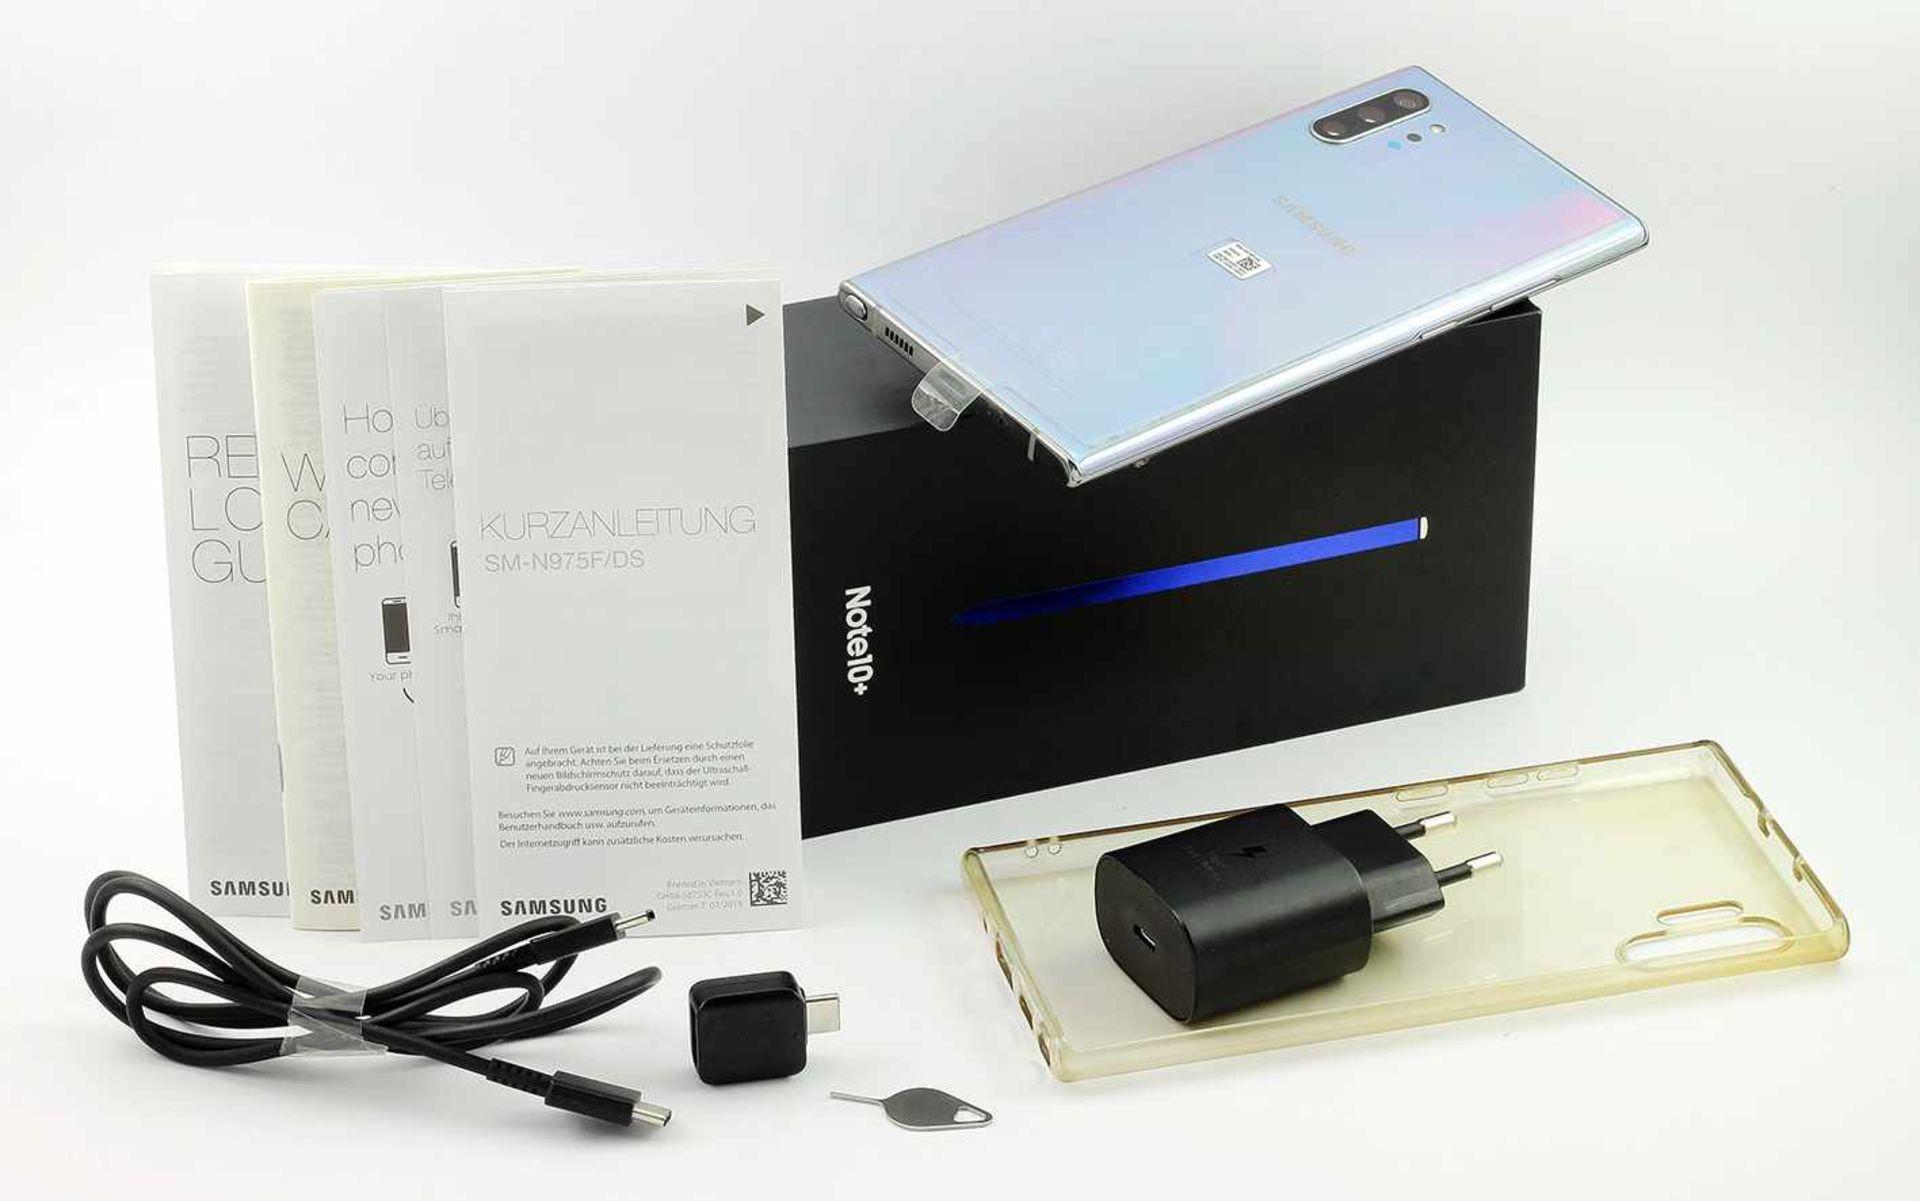 Los 63 - Samsung Galaxy Note 10 Plus 256 GB mit Zubehör und Box